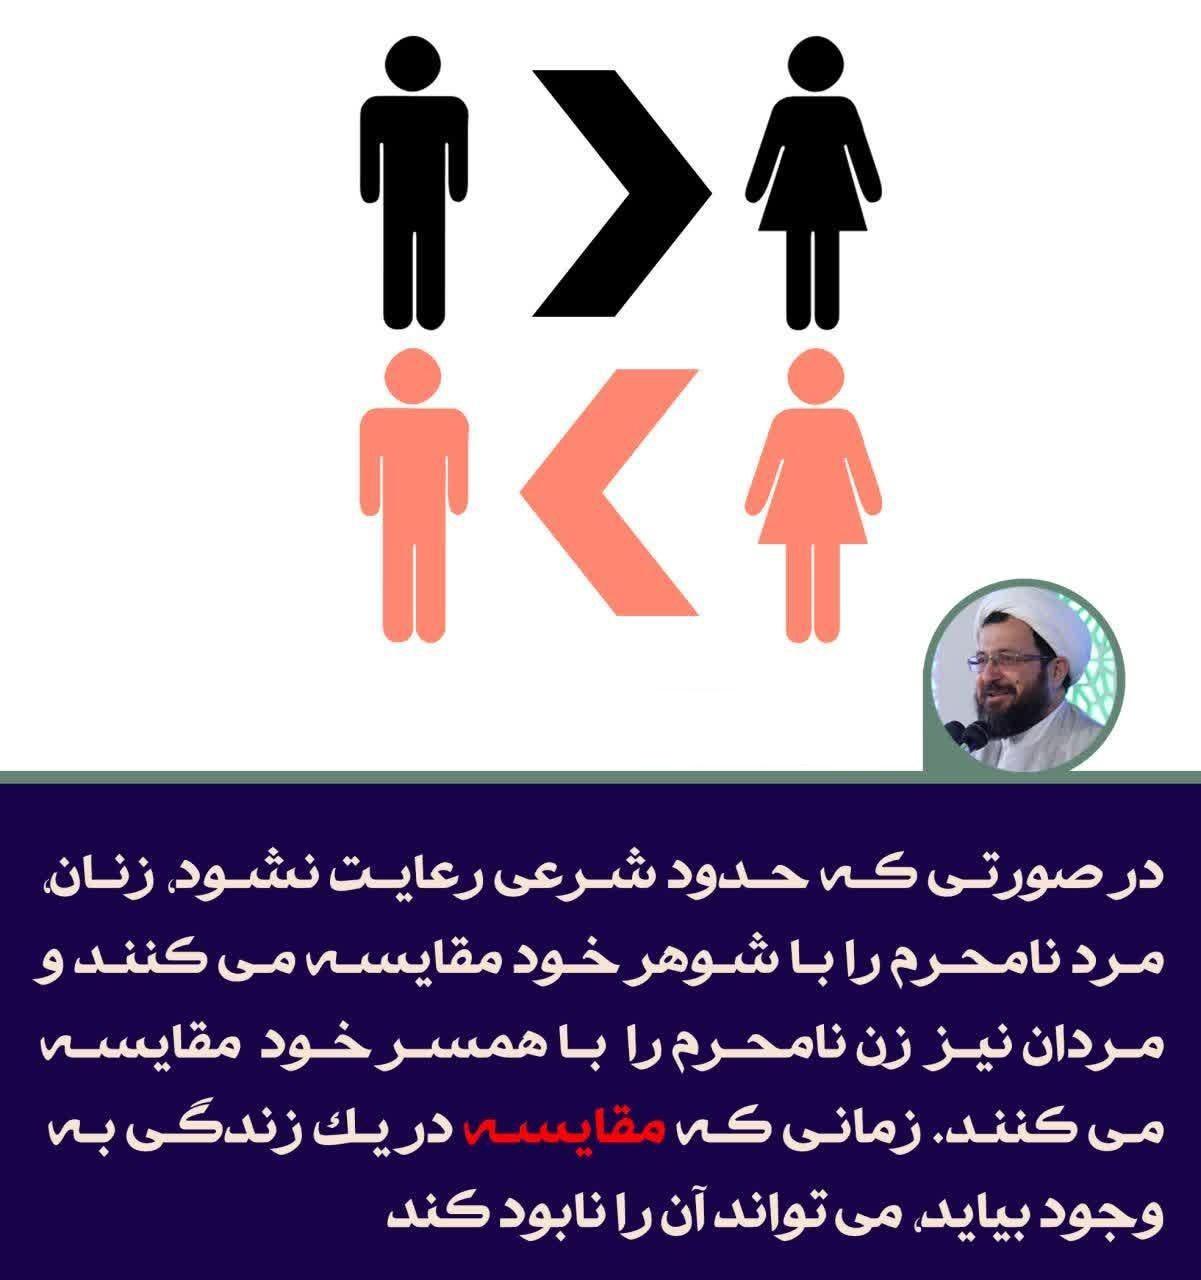 چرا زن و شوهر ها، همسرانشان را با دیگران مقایسه می کنند / تاثیر مقایسه کردن همسر با دیگران و آسیب های آن